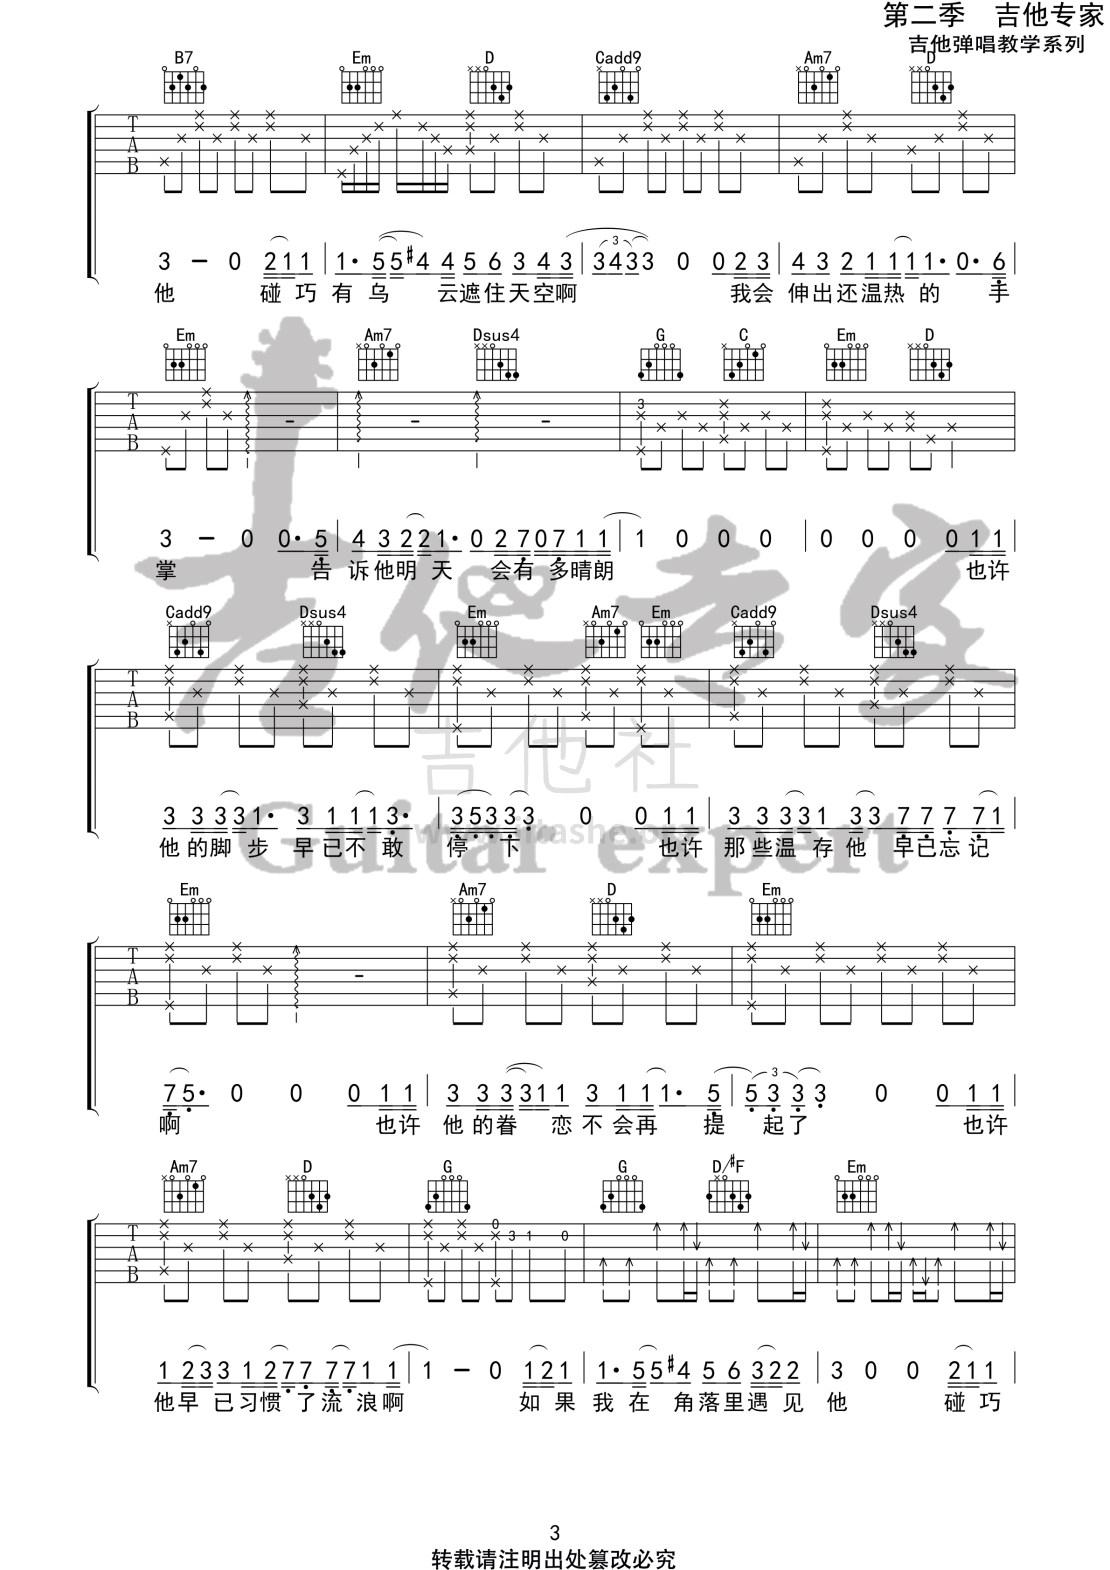 小王(音艺吉他专家弹唱教学:第二季第39集)吉他谱(图片谱,弹唱,伴奏,音艺吉他专家弹唱教学)_毛不易(王维家)_小王3 第二季第三十九集.jpg